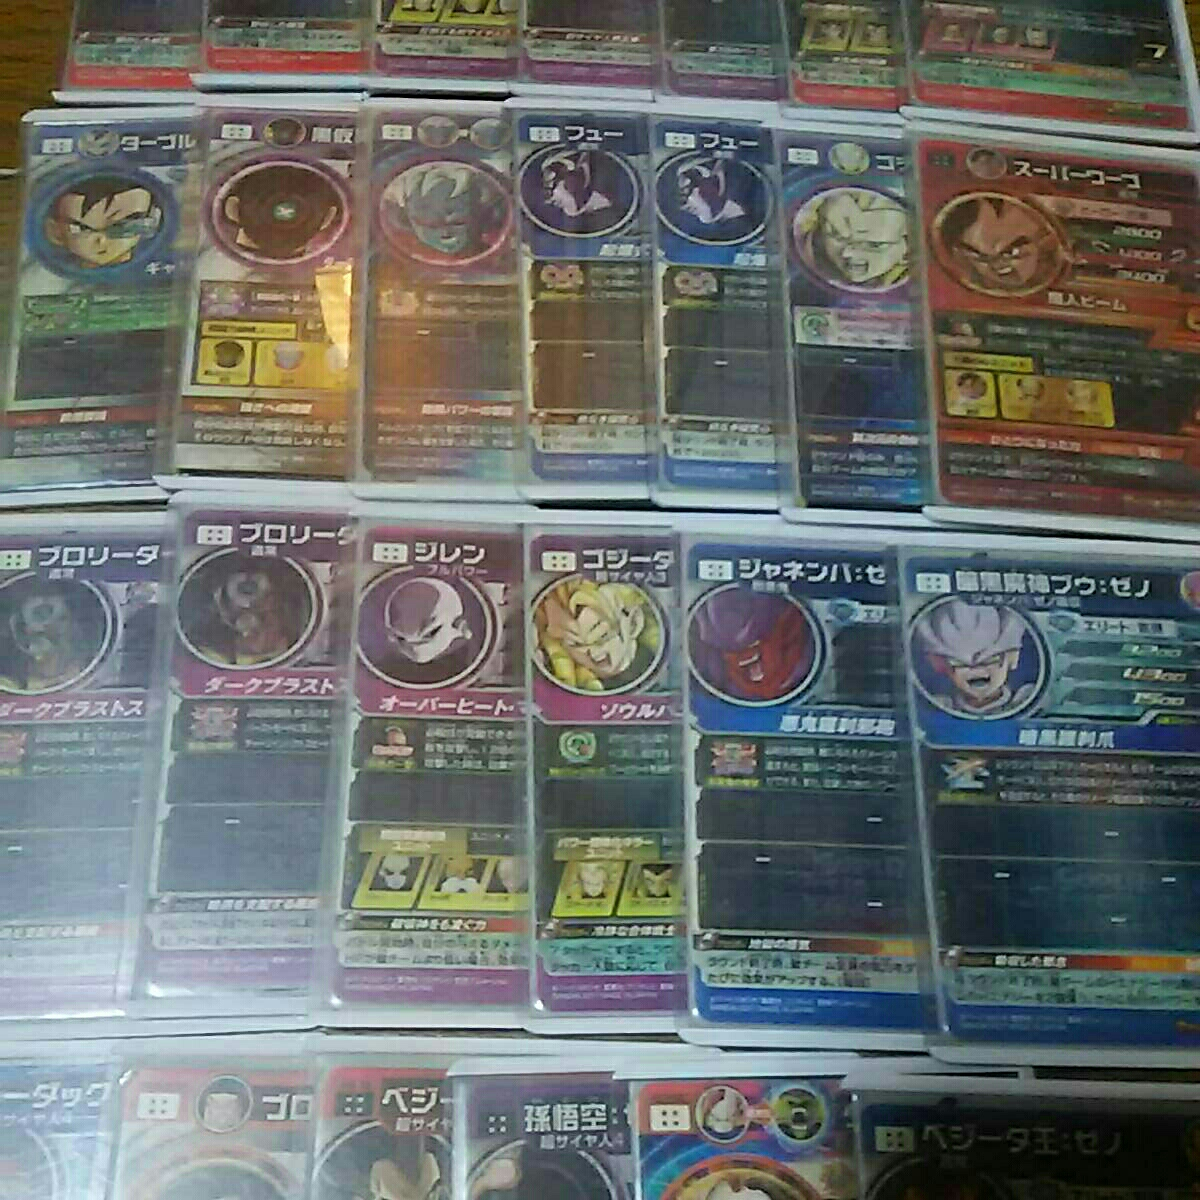 ドラゴンボールヒーローズほぼ高レートシークレット32枚UR7枚プロモ1枚セット_画像5